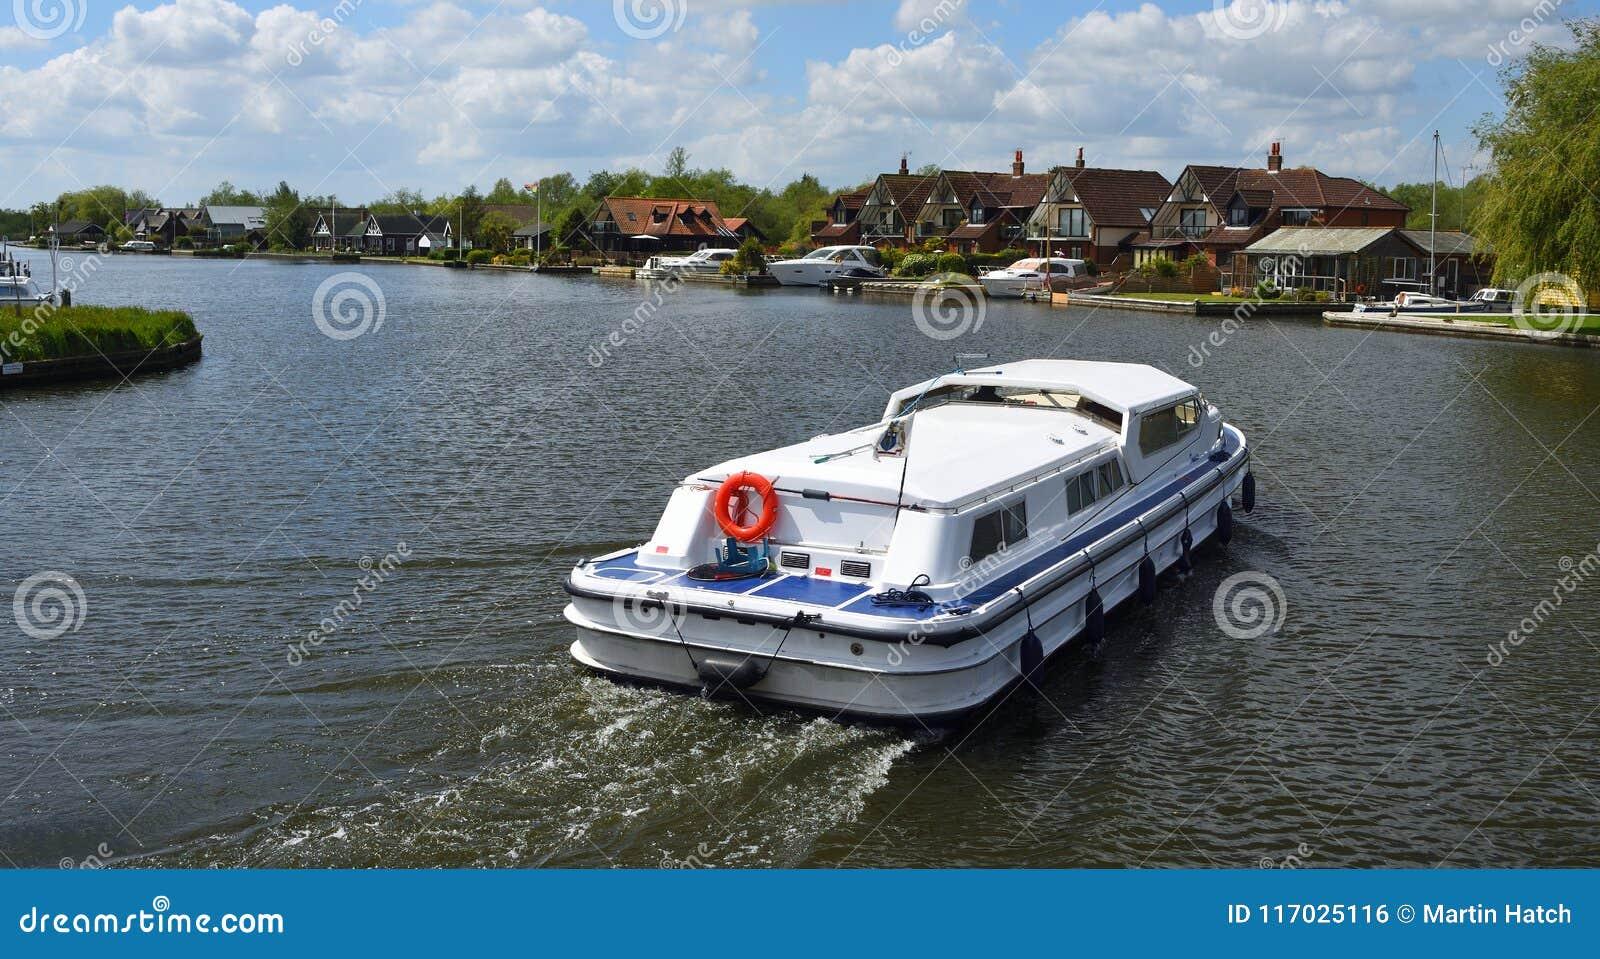 Crucero de Broads en el río Bure en Horning